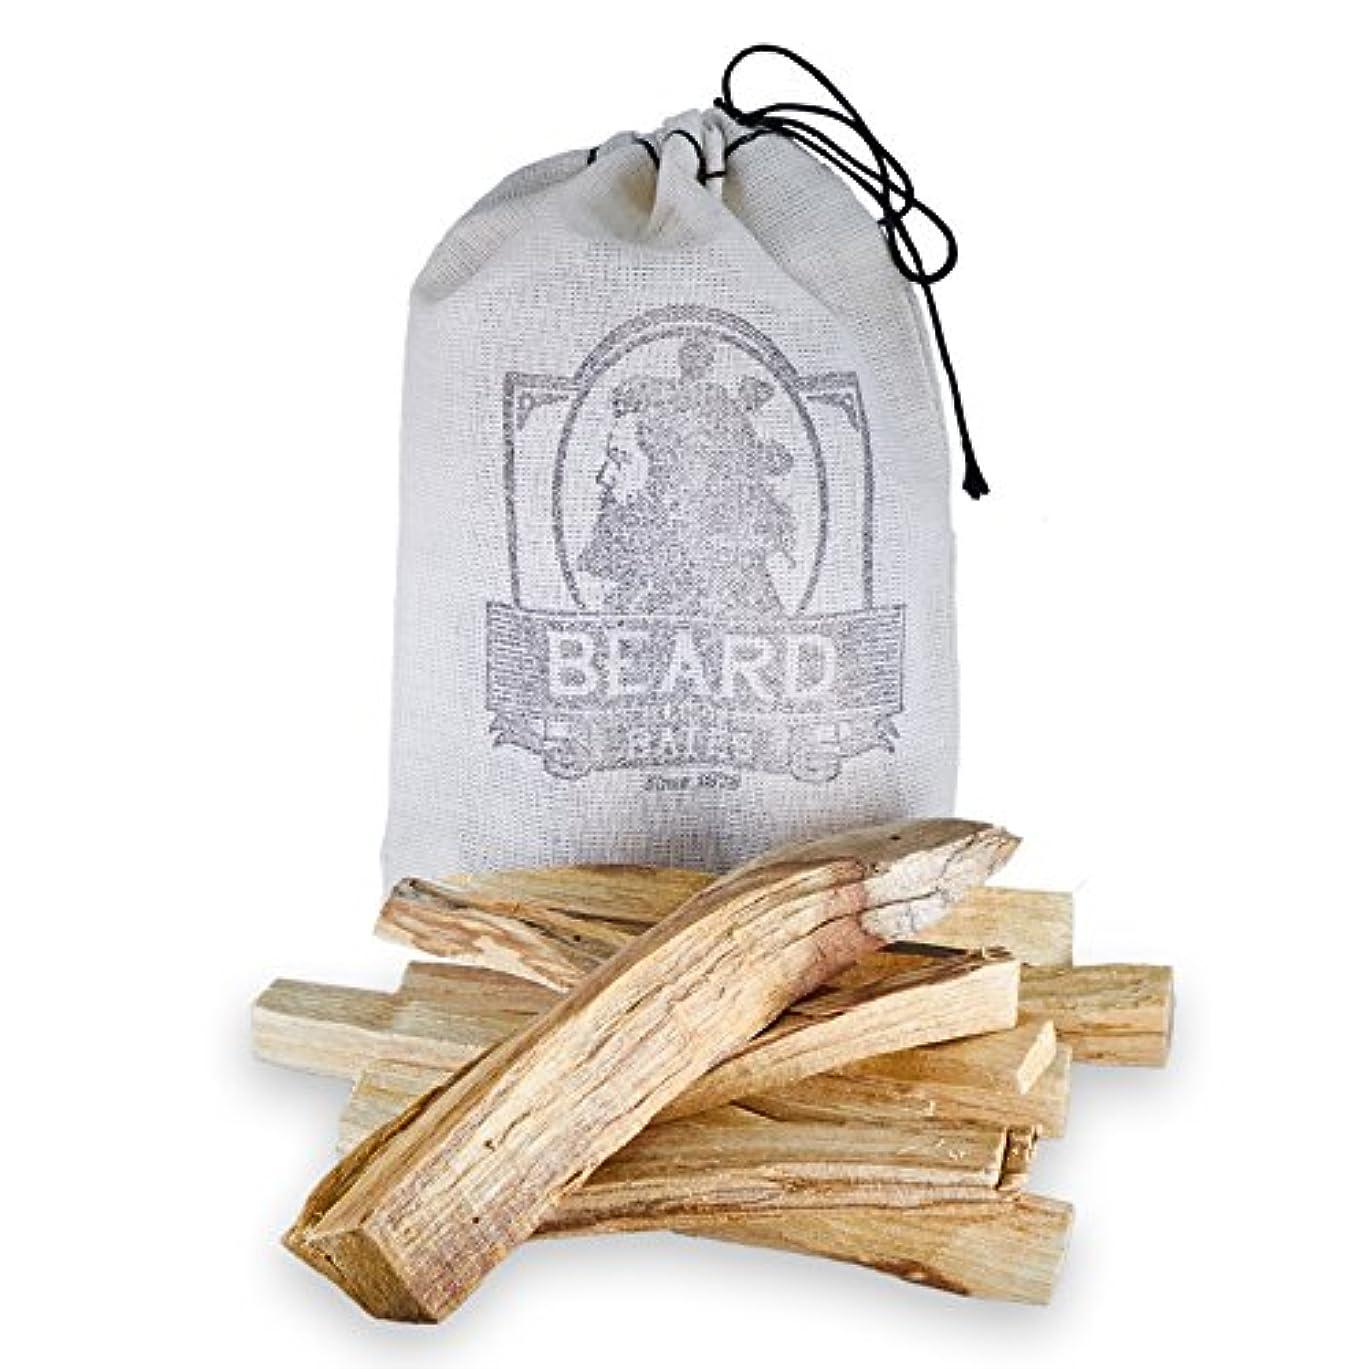 お酒死傷者乳剤Beard & Bates | Palo Santo – Extra Large、Handcut、Sustainably Wild Harvested Incense Sticks for瞑想、クレンジング、Stress...